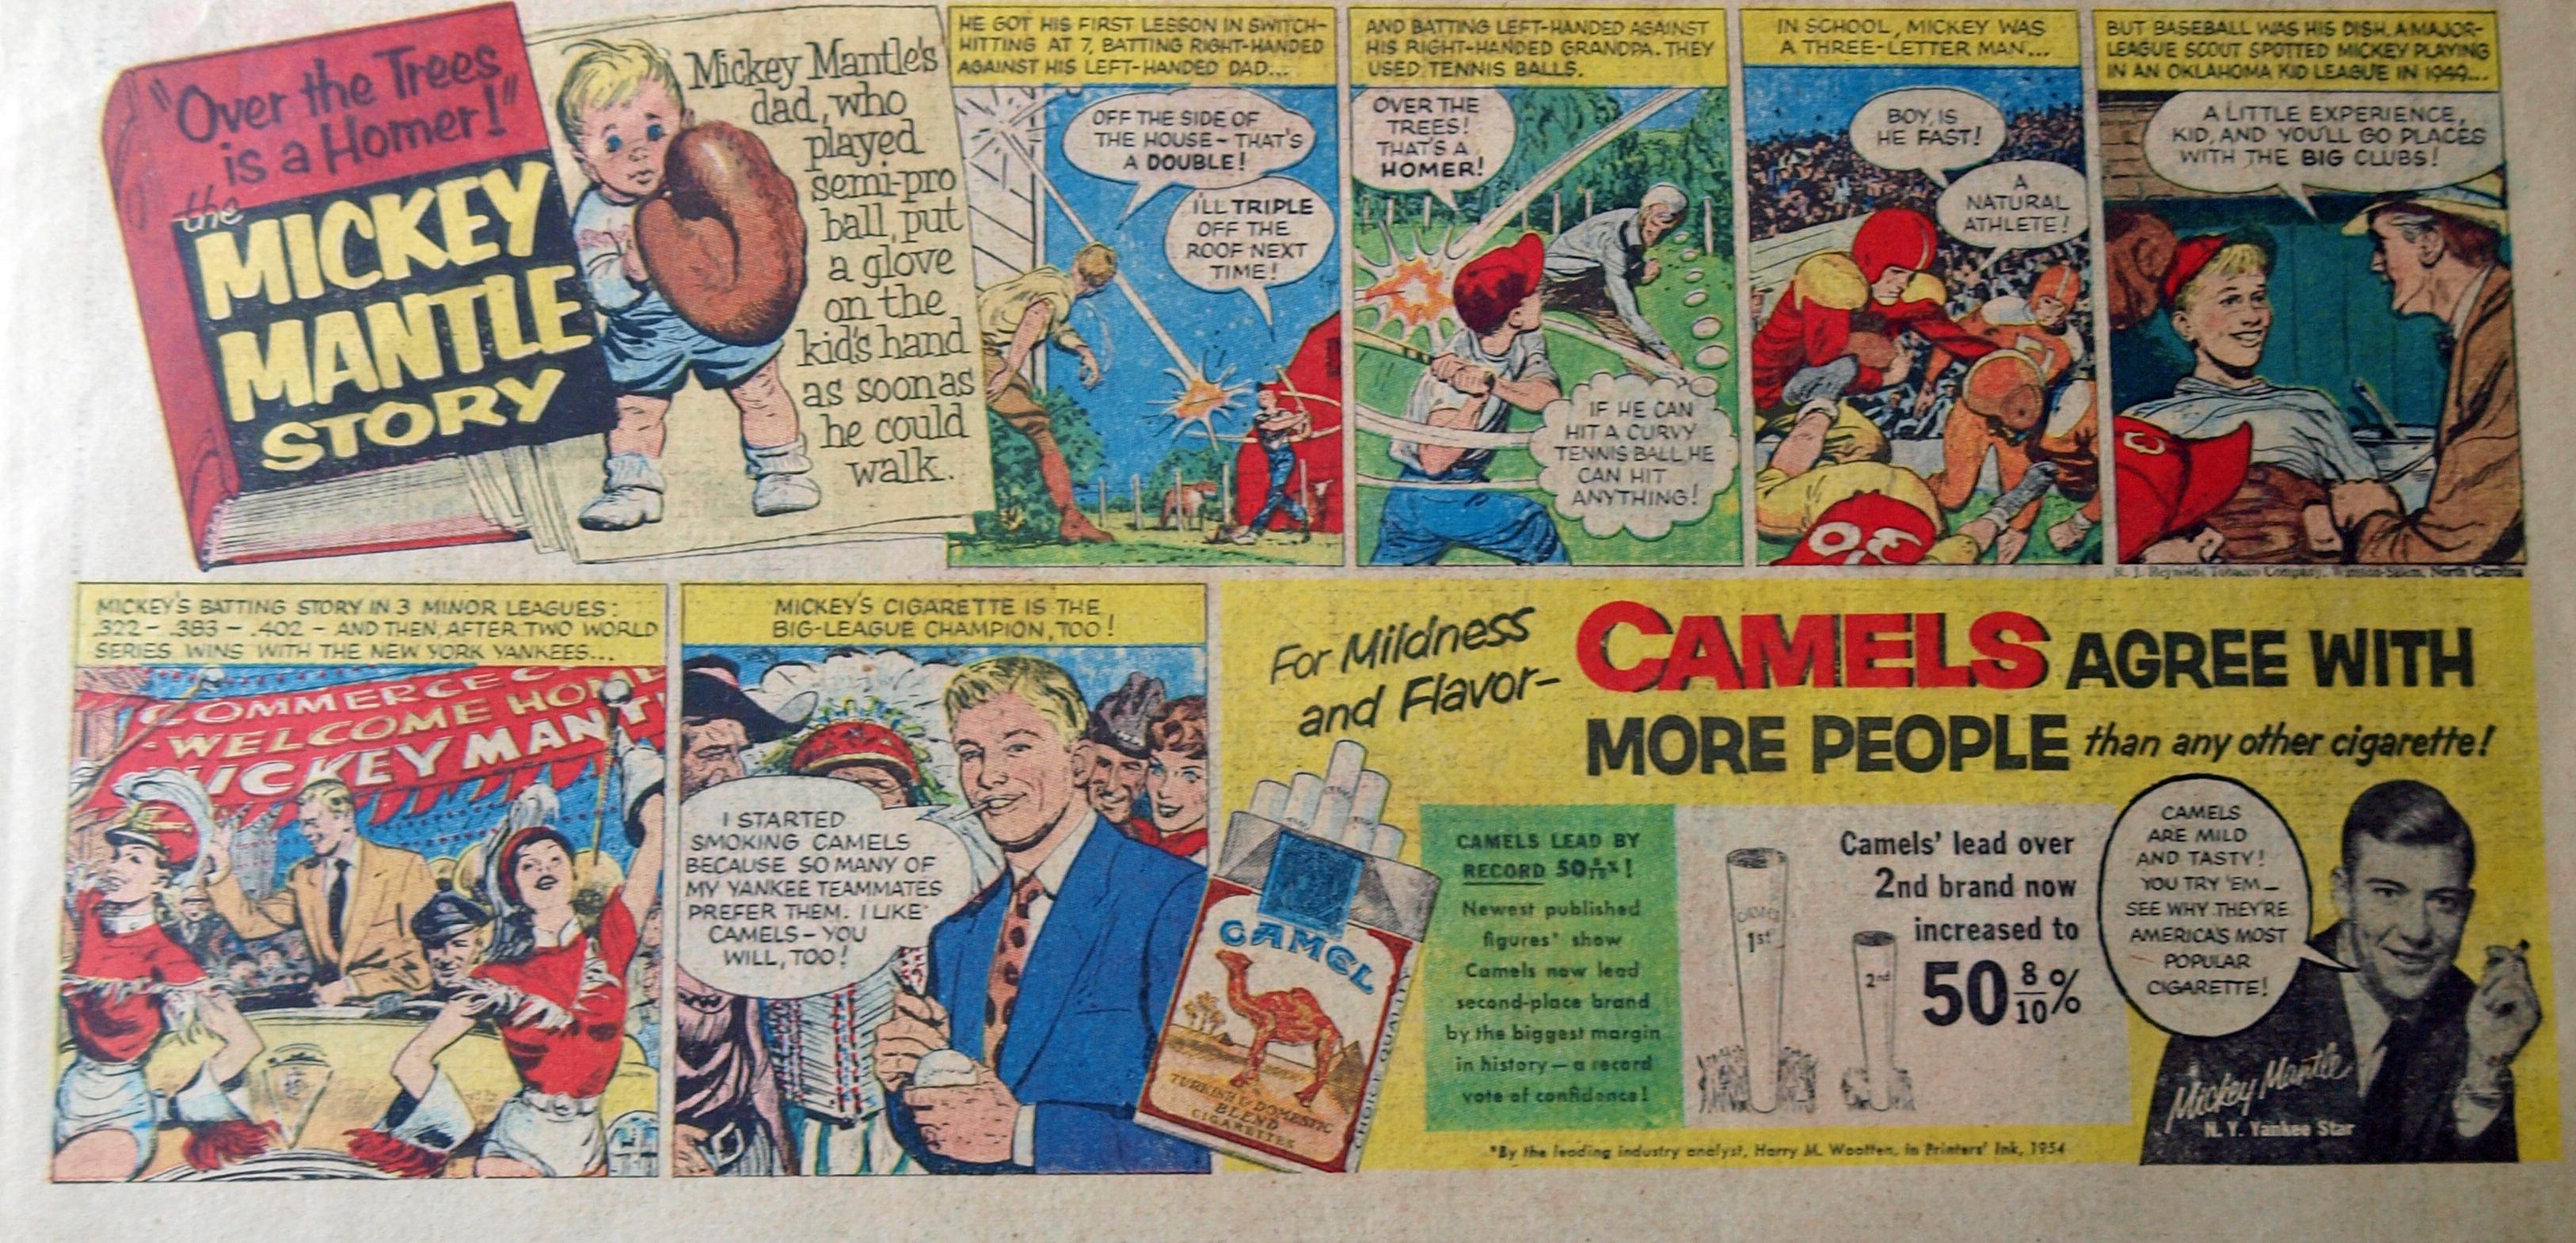 1954 unknown newspaper, 04/04/1954